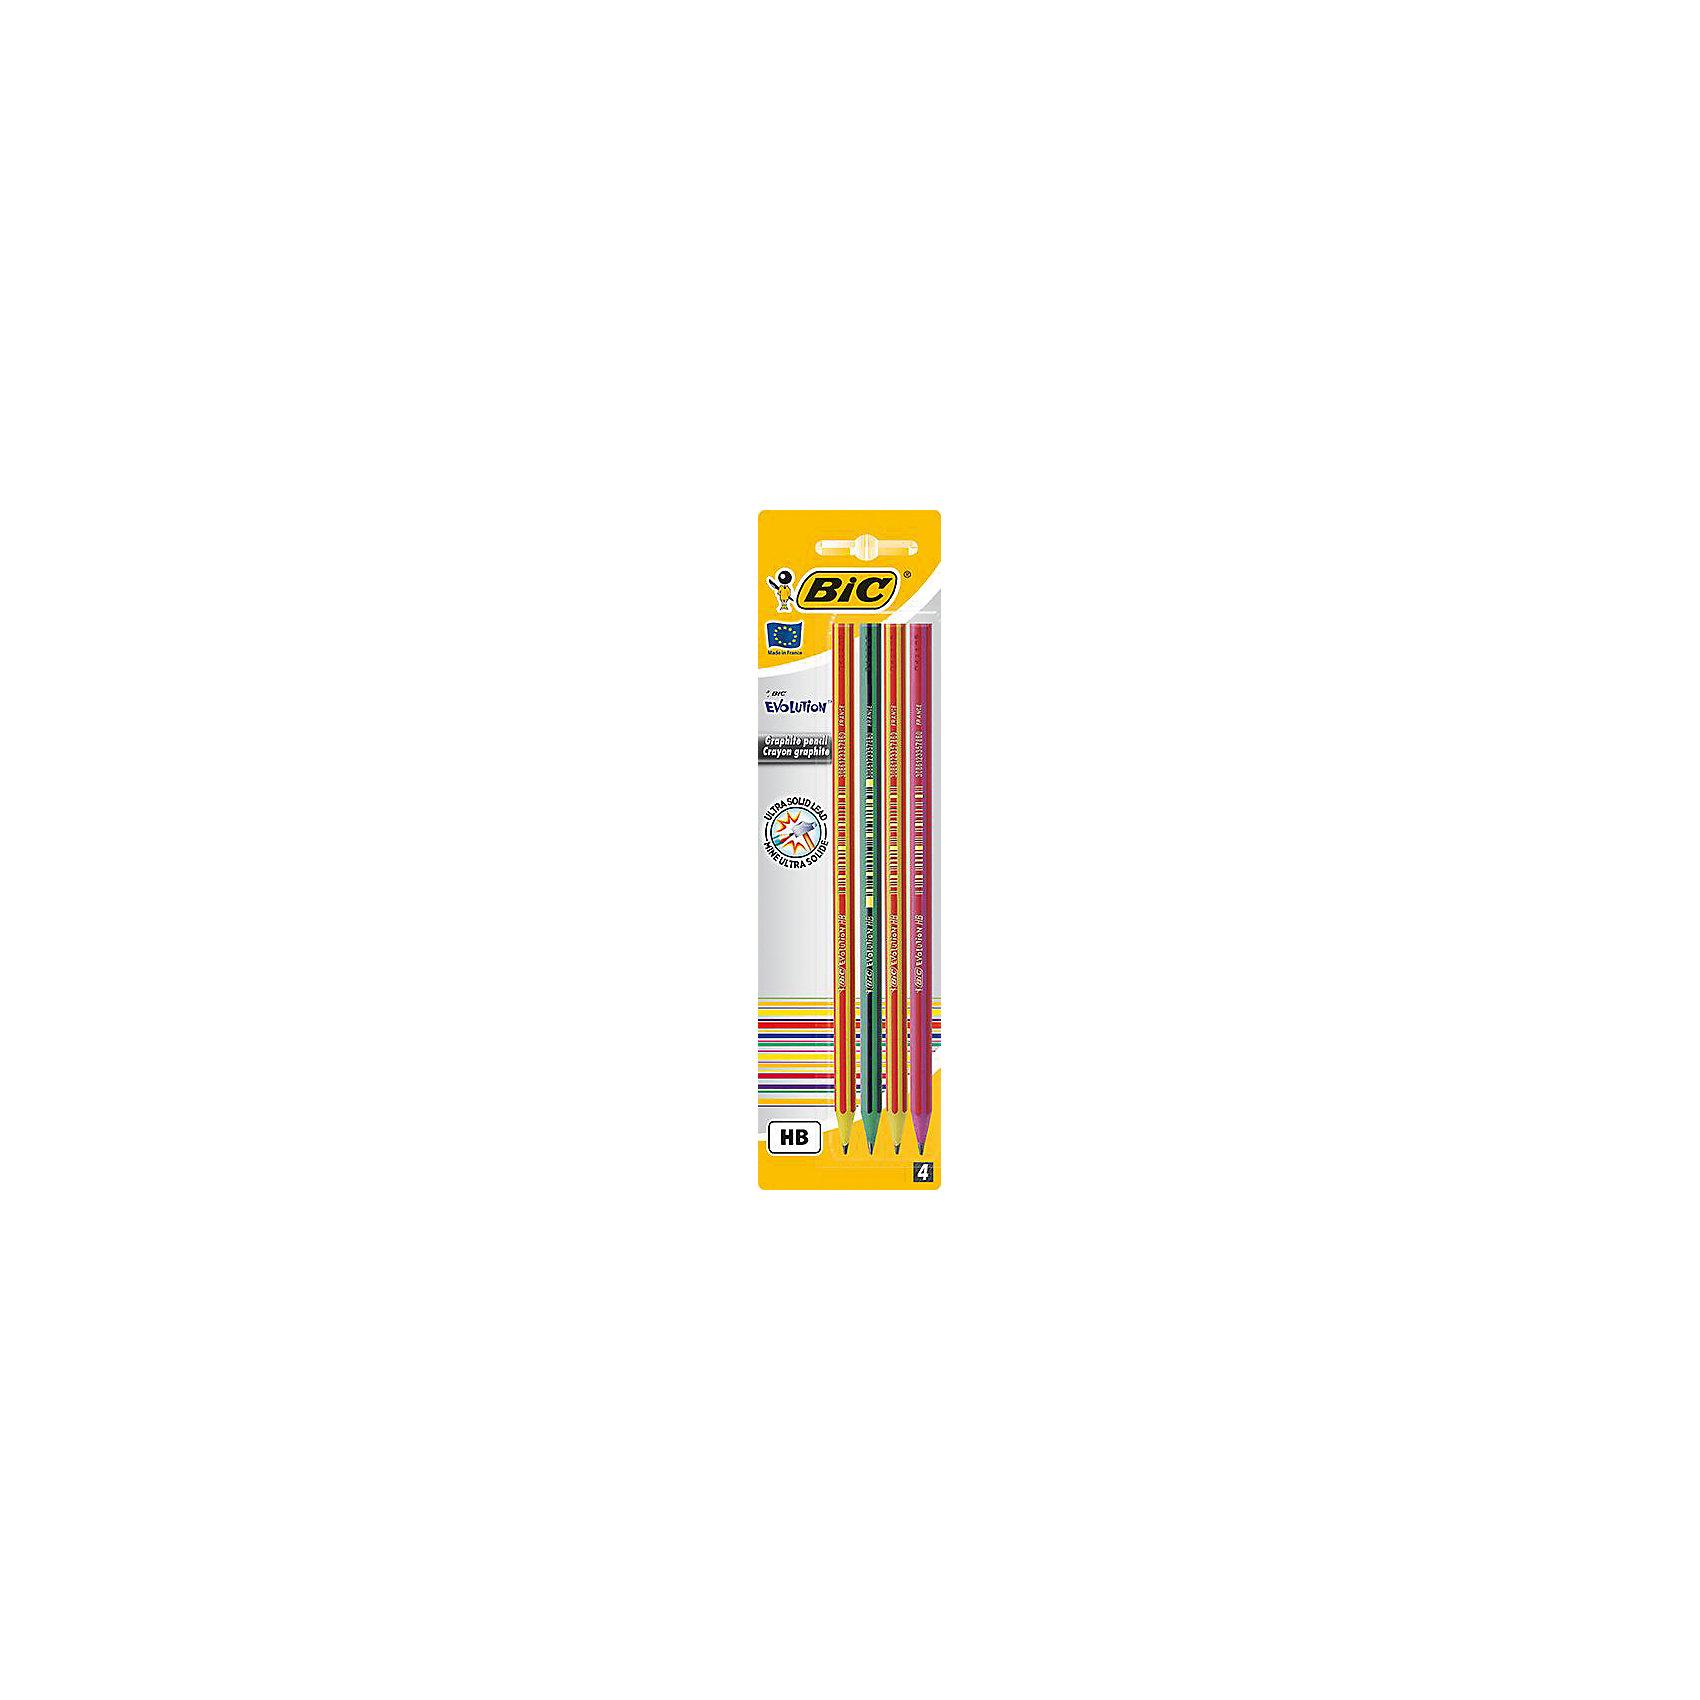 Карандаши чернографитные Bic Evolution 646, 4 штПисьменные принадлежности<br>Характеристики:<br><br>• возраст: от 5 лет<br>• в наборе: карандаши чернографитовые 4 шт.<br>• диаметр грифеля: 2 мм.<br>• твердость: НВ<br>• материал корпуса: пластик<br>• упаковка: блистер<br>• размер упаковки: 25х6х2 см.<br><br>Набор из четырех шестигранных чернографитовых карандашей. Корпус карандашей выполнен из пластика. Карандаши обладают высокой степенью устойчивости к излому, ударопрочным грифелем и ярким дизайном.<br><br>BIC Набор карандашей чернографитовых Evolution 646, 4 шт. можно купить в нашем интернет-магазине.<br><br>Ширина мм: 9<br>Глубина мм: 65<br>Высота мм: 240<br>Вес г: 19<br>Возраст от месяцев: 60<br>Возраст до месяцев: 2147483647<br>Пол: Унисекс<br>Возраст: Детский<br>SKU: 7065348